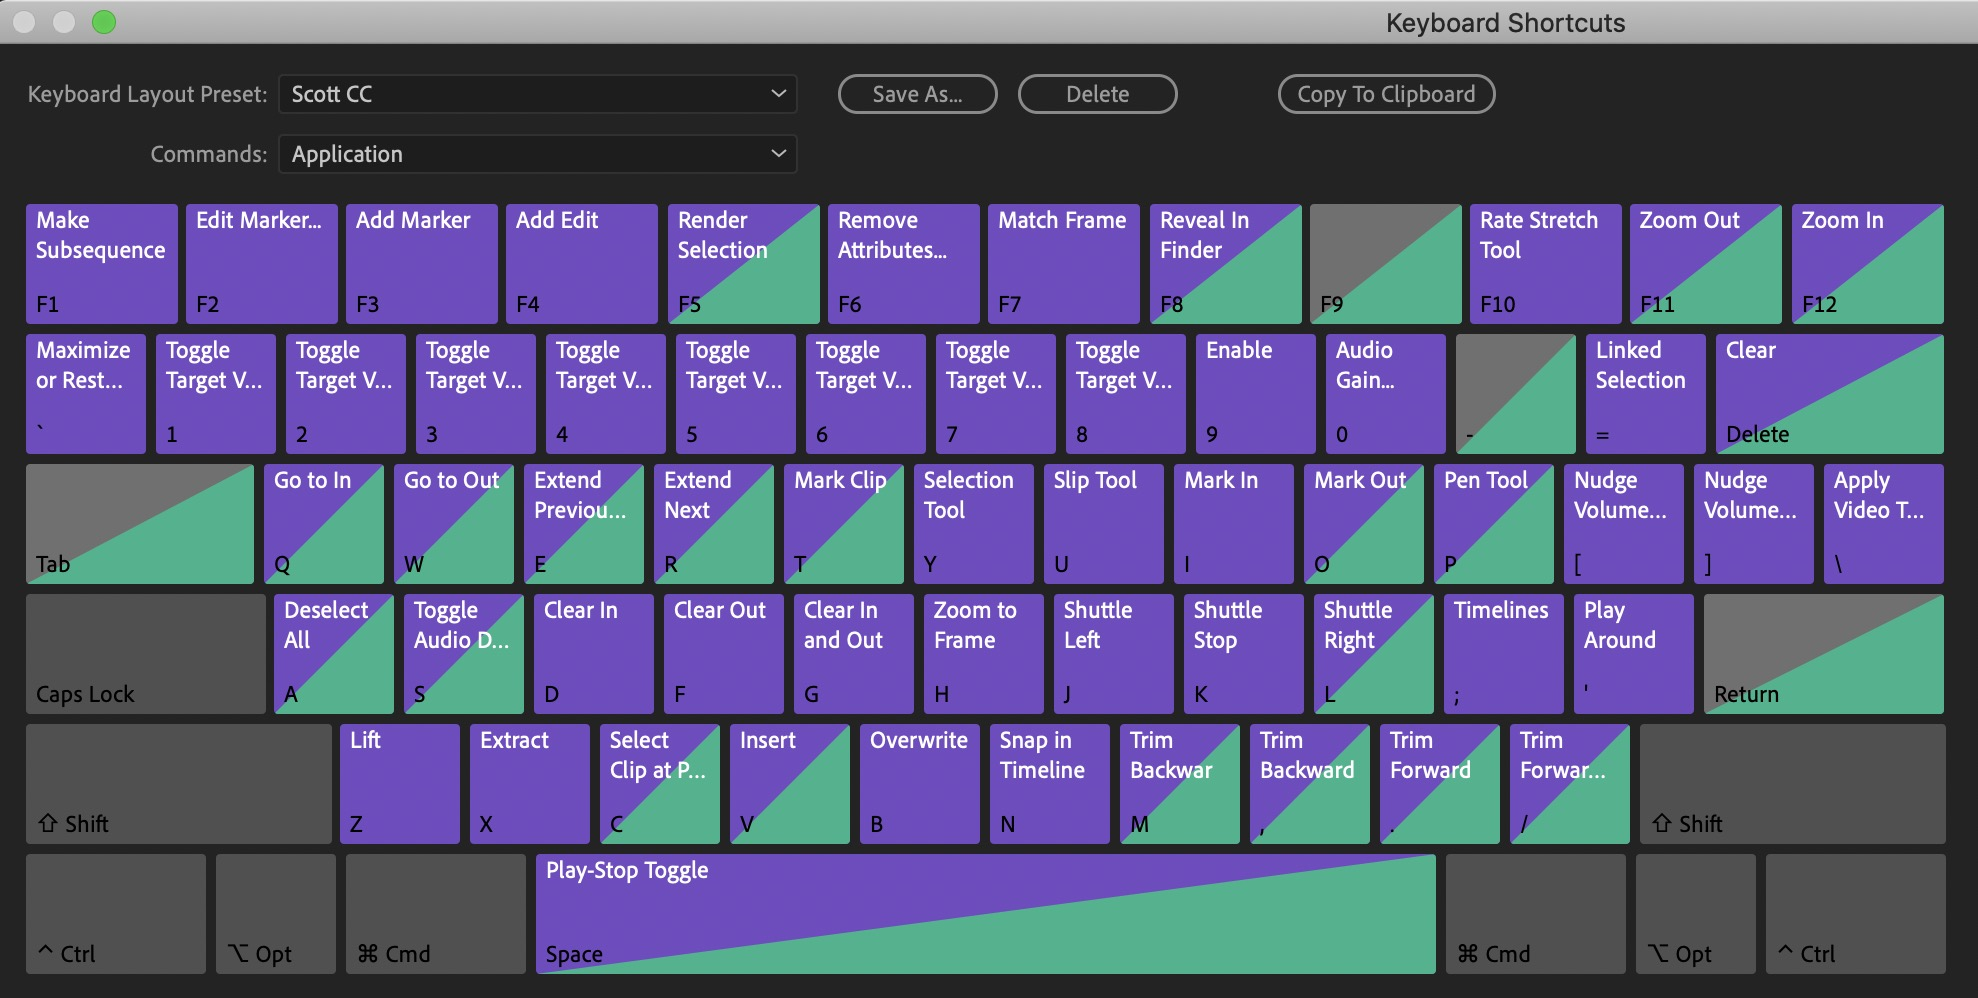 scott-premiere-keyboard